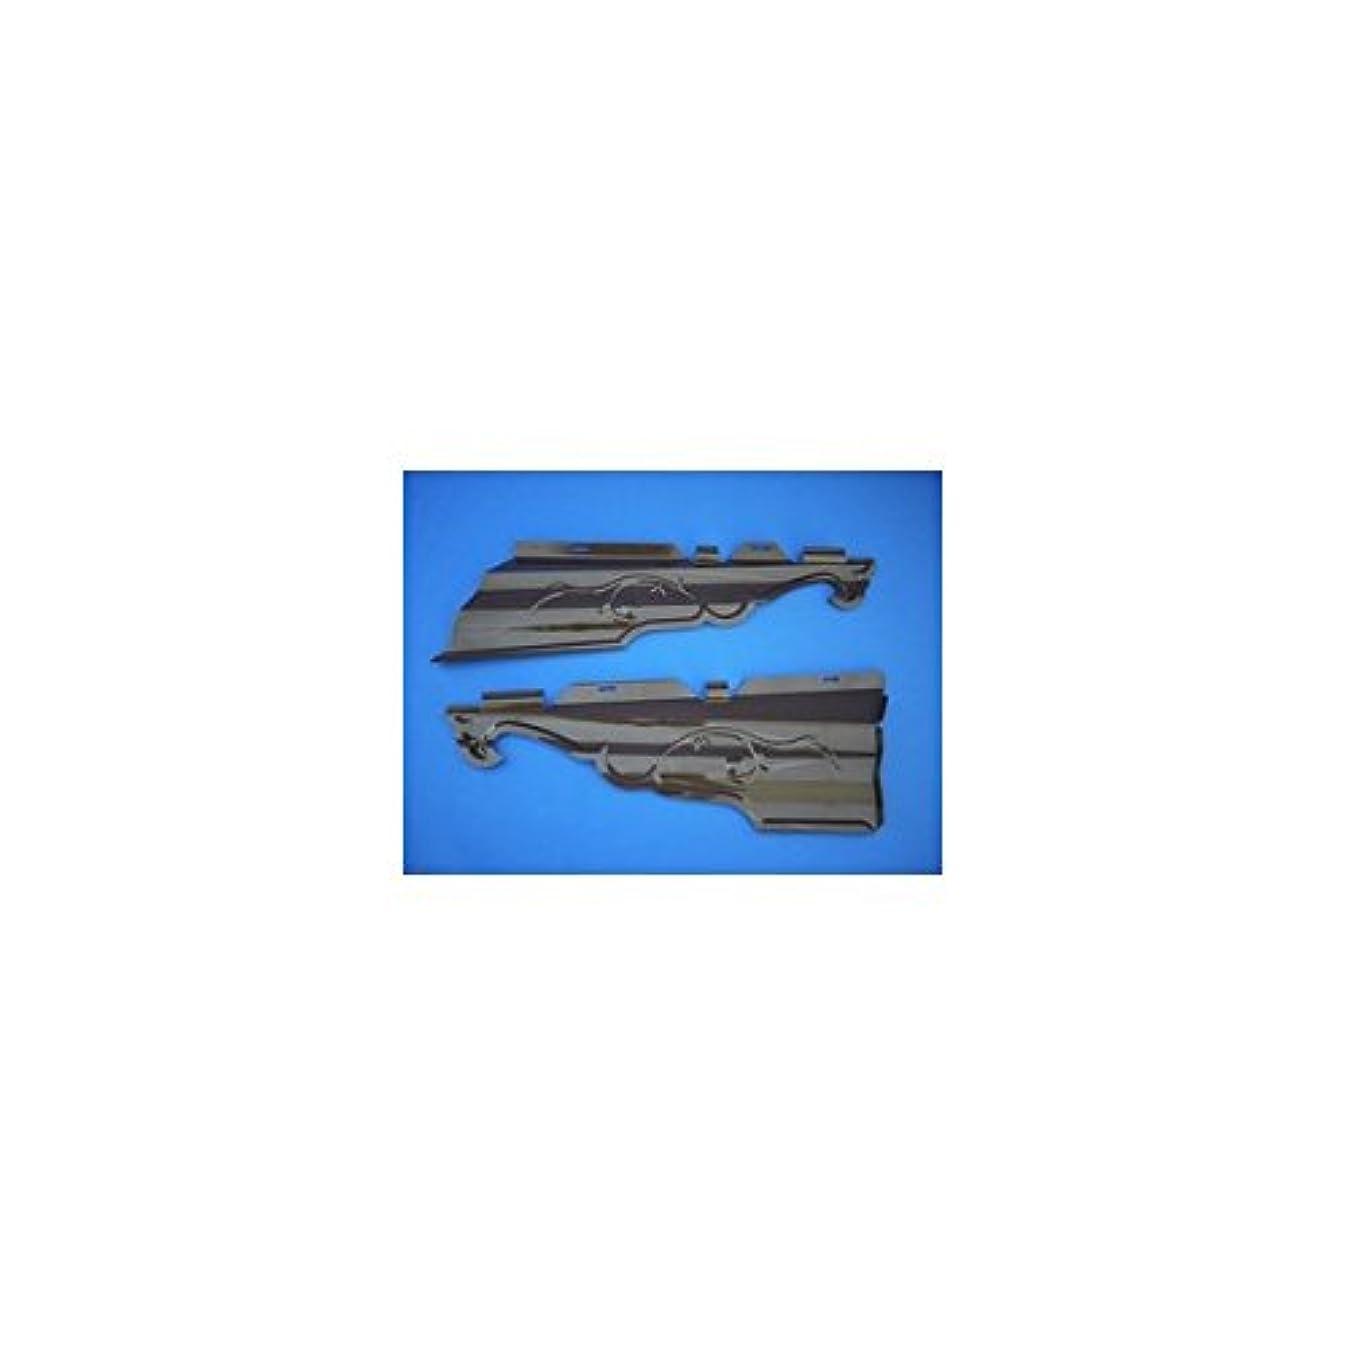 幻想爆風それパナソニック(Panasonic) ハイ丸 内飾り板 新茶90゜ 105、120用左右組 KQ5094